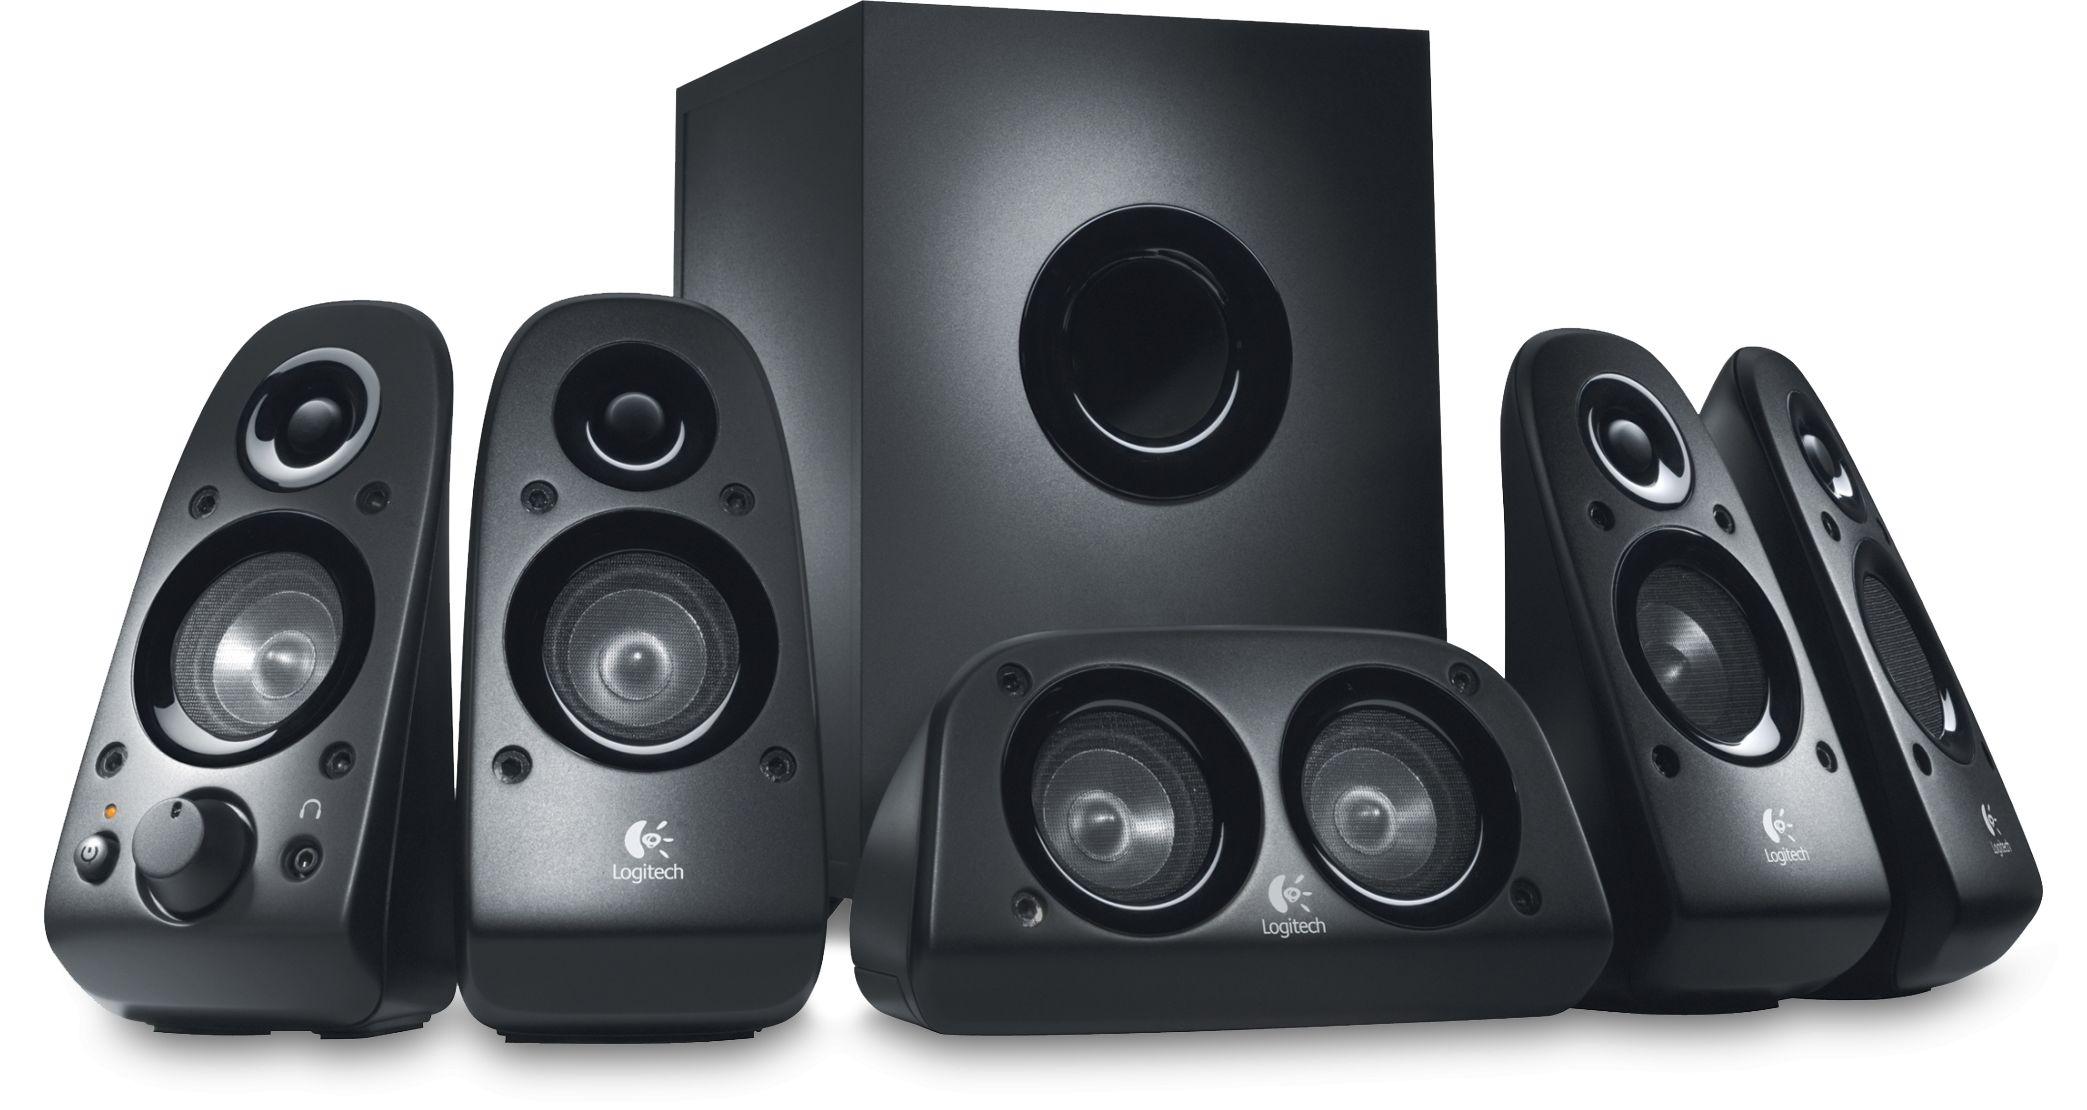 Z506 5 1 Surround Sound Speakers